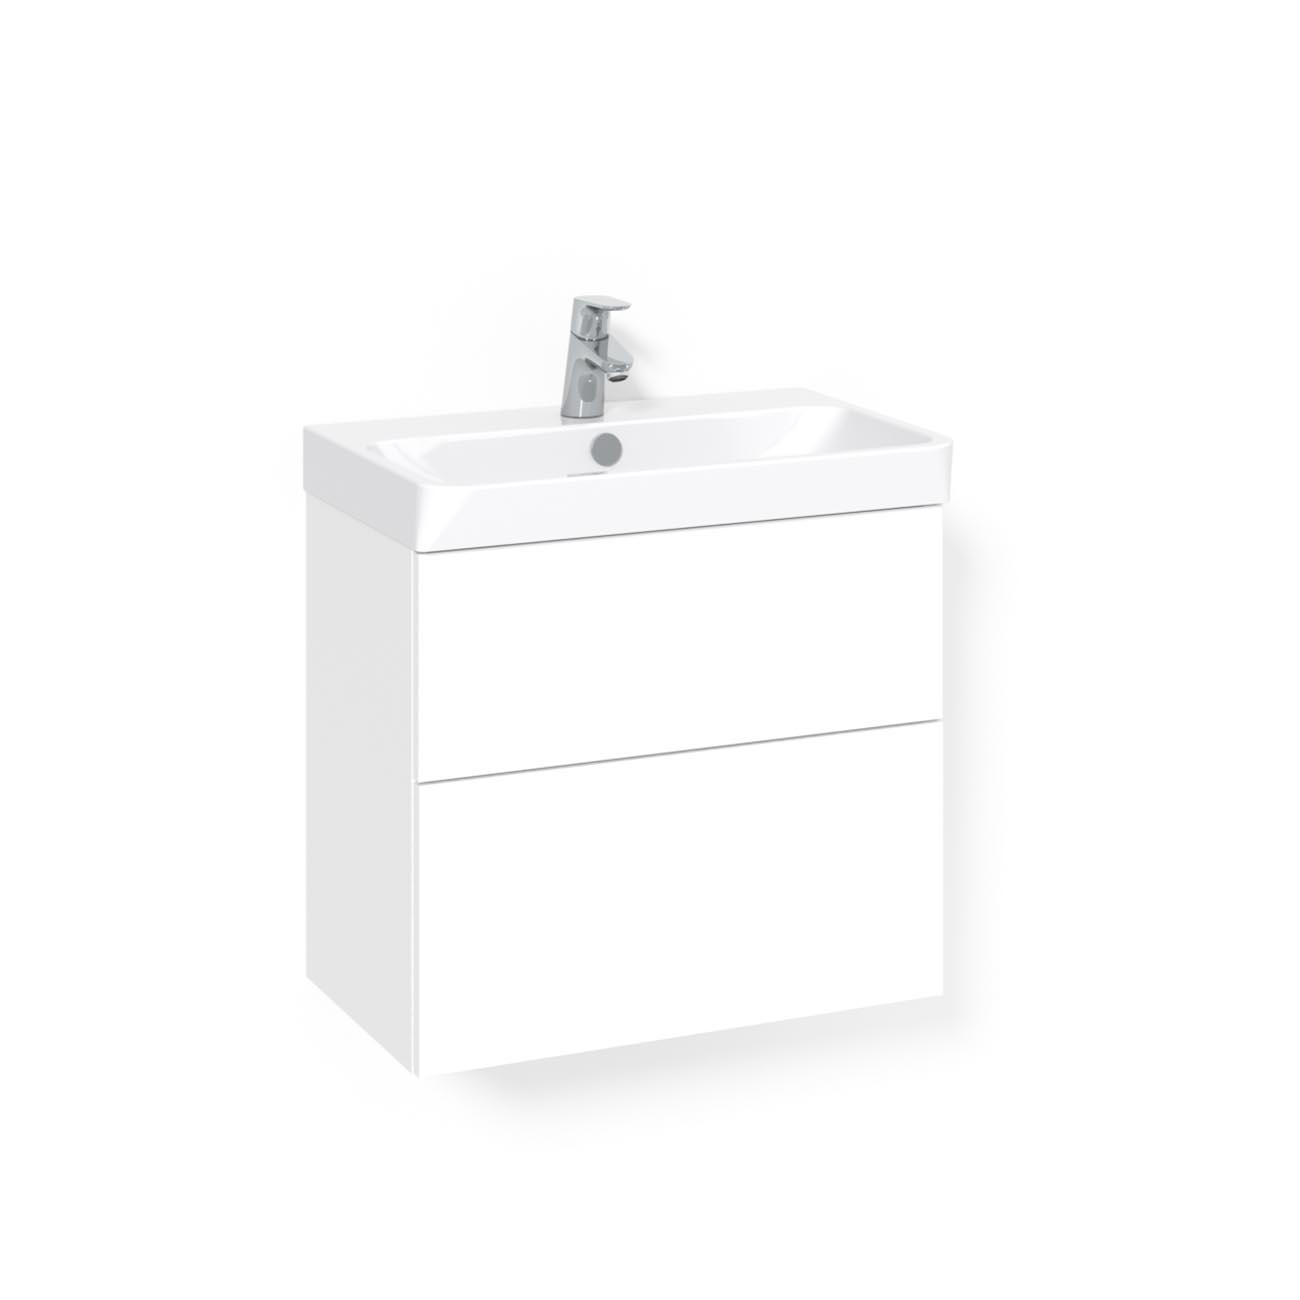 Tvättställsskåp Macro Design Crown Plain Light 70